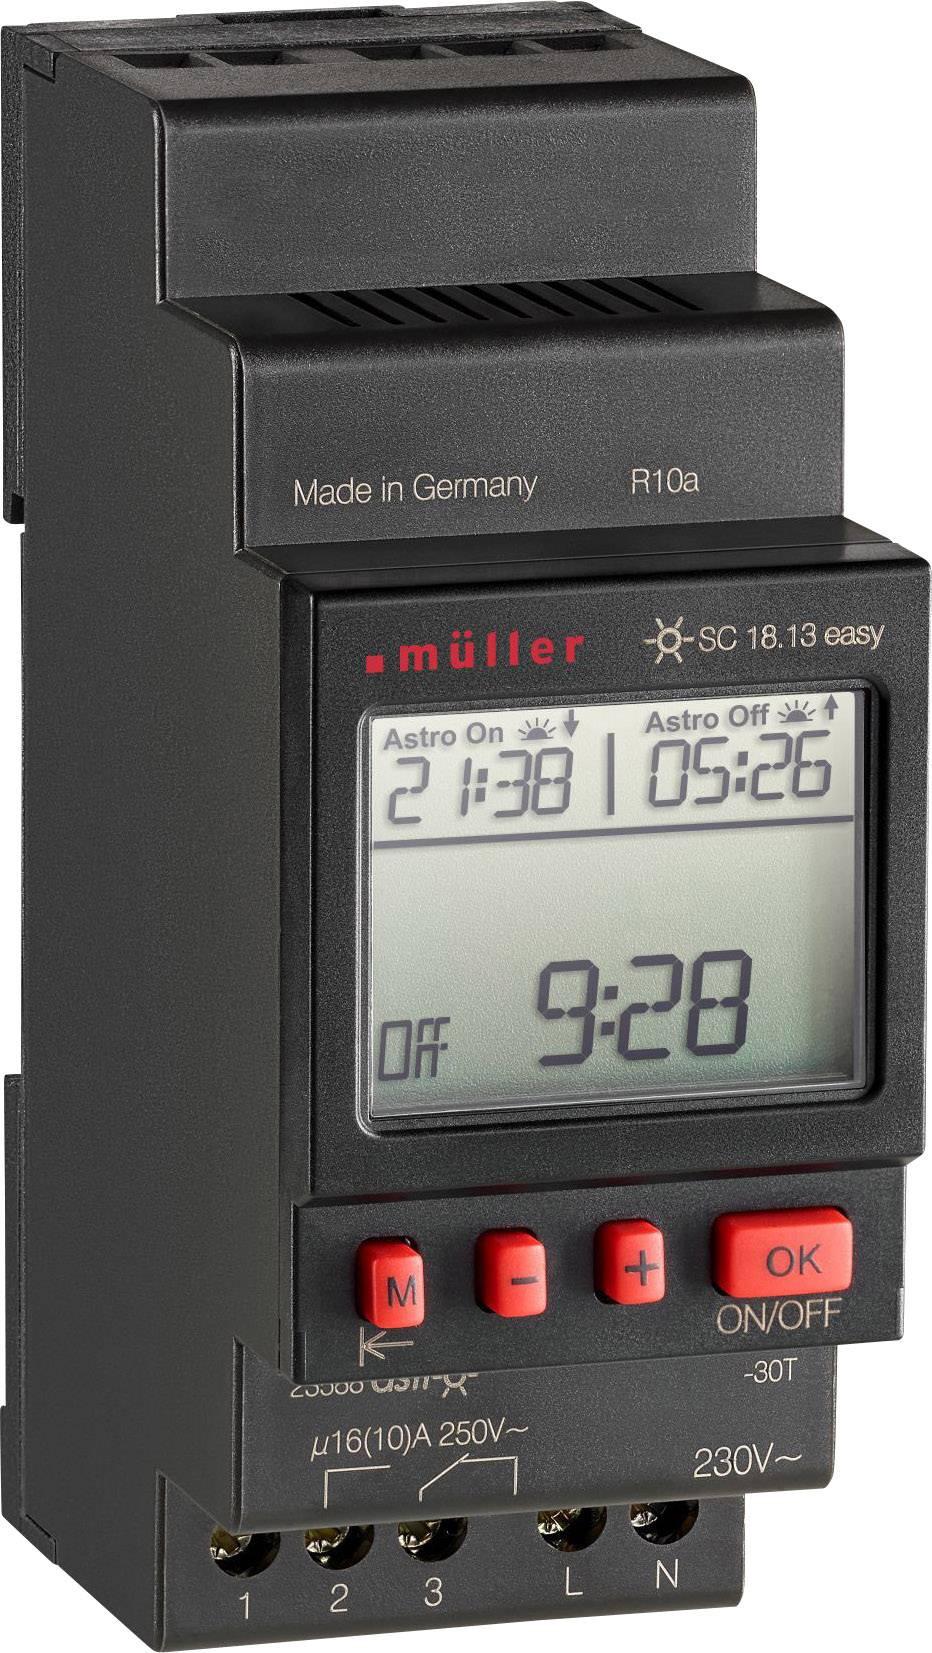 Časovač na DIN lištu Müller SC 18.13 easy NFC, 230 V, 16 A/250 V